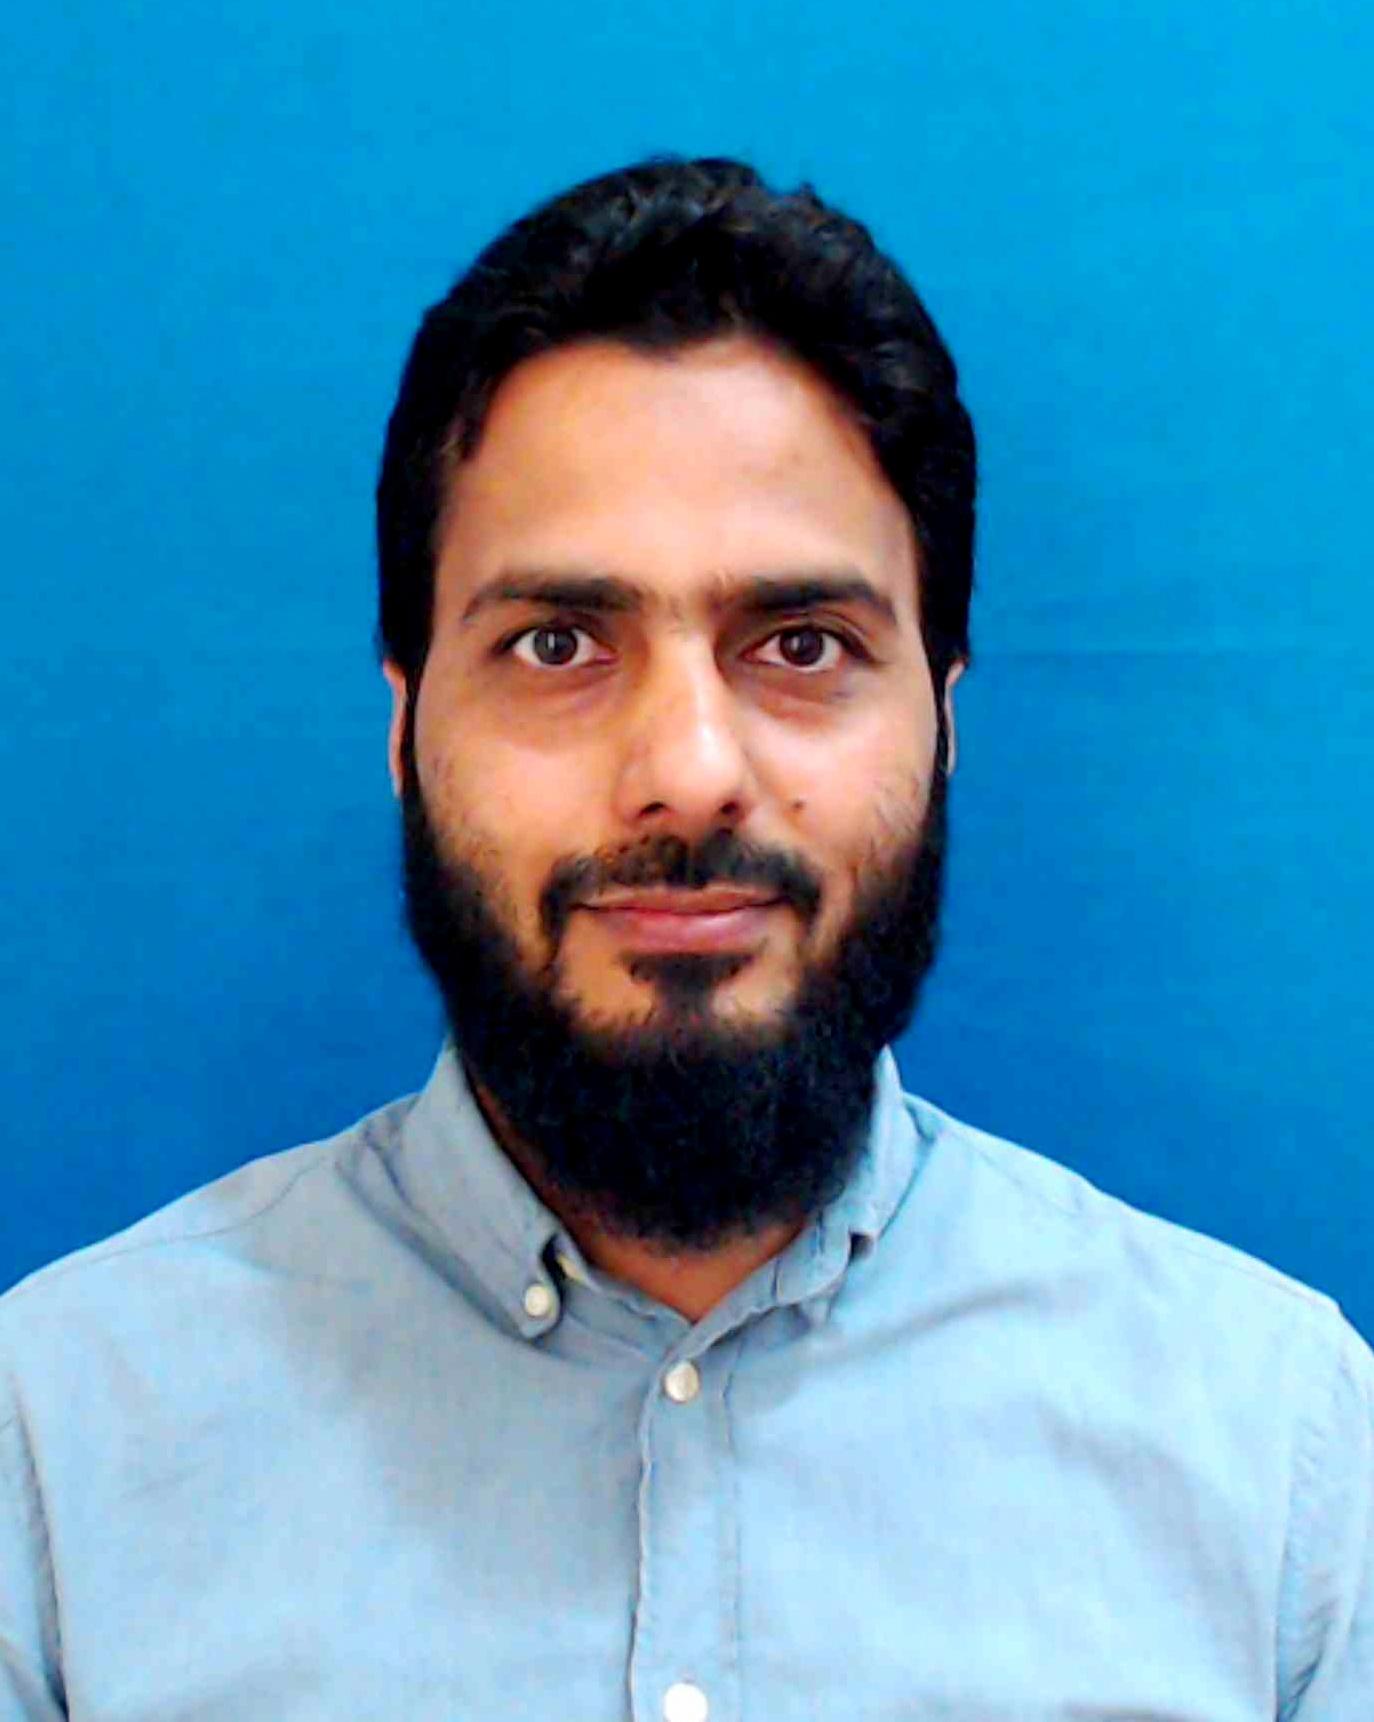 Ishfaq Bashir Bhat